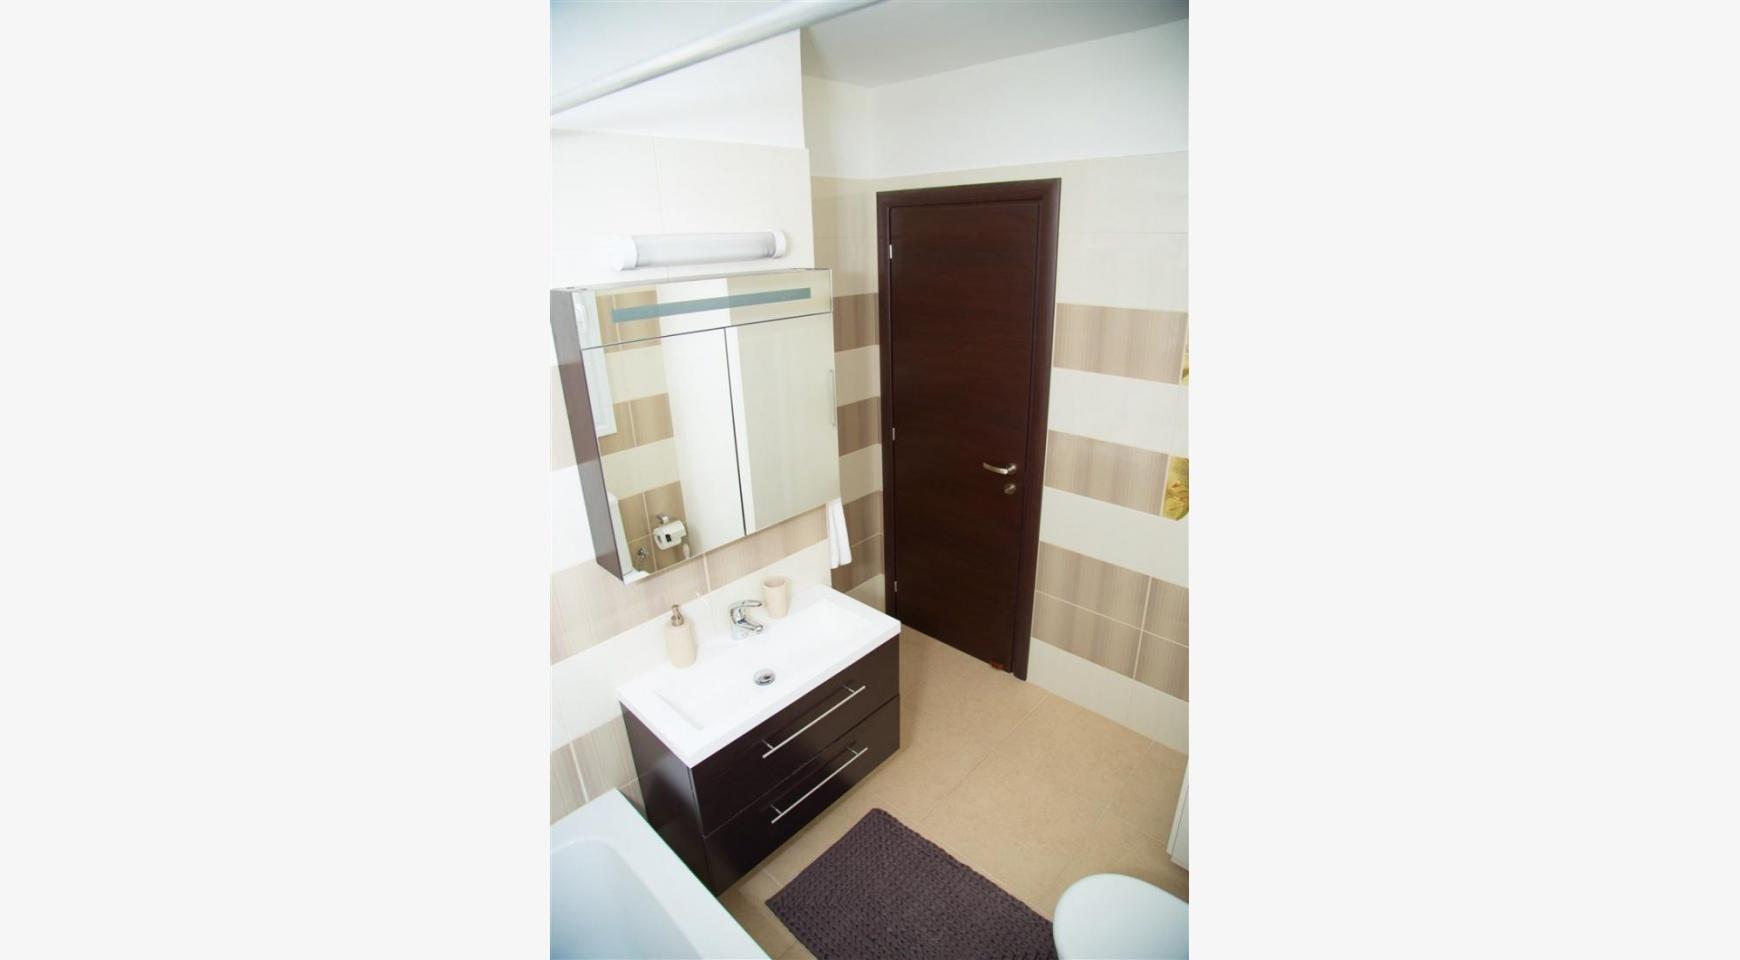 Μοντέρνο διαμέρισμα 2 υπνοδωματίων στην περιοχή Ποταμός Γερμασόγειας - 16